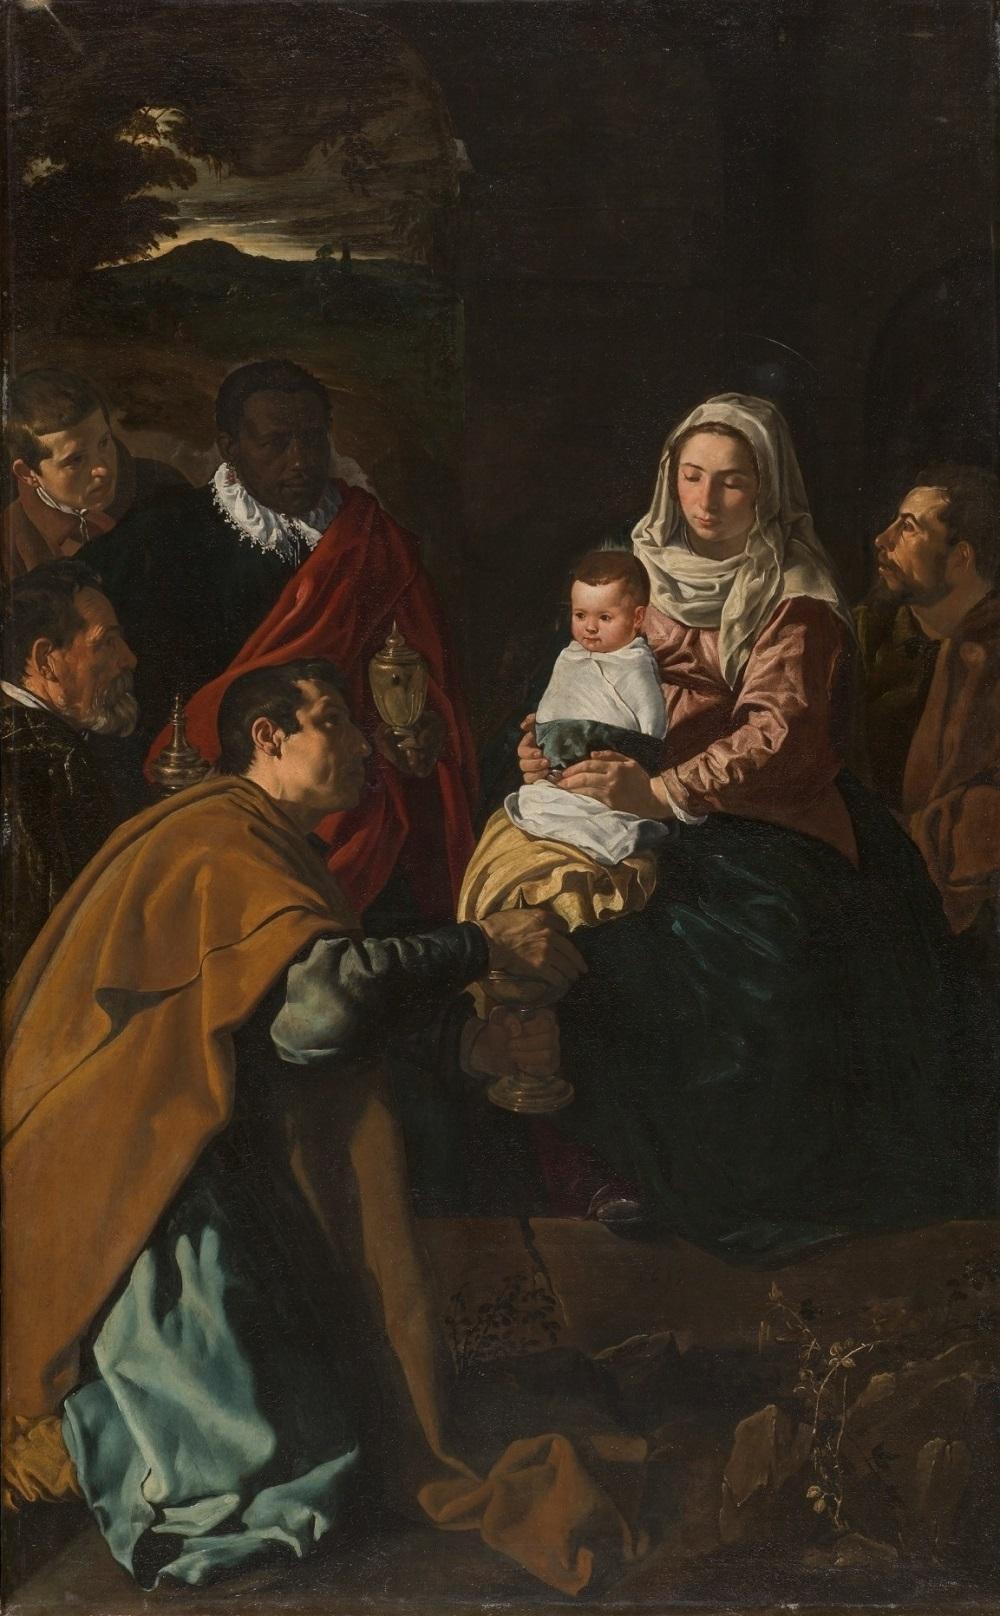 ディエゴ・ベラスケス《東方三博士の礼拝》1619年 マドリード、プラド美術館蔵 © Museo Nacional del Prado